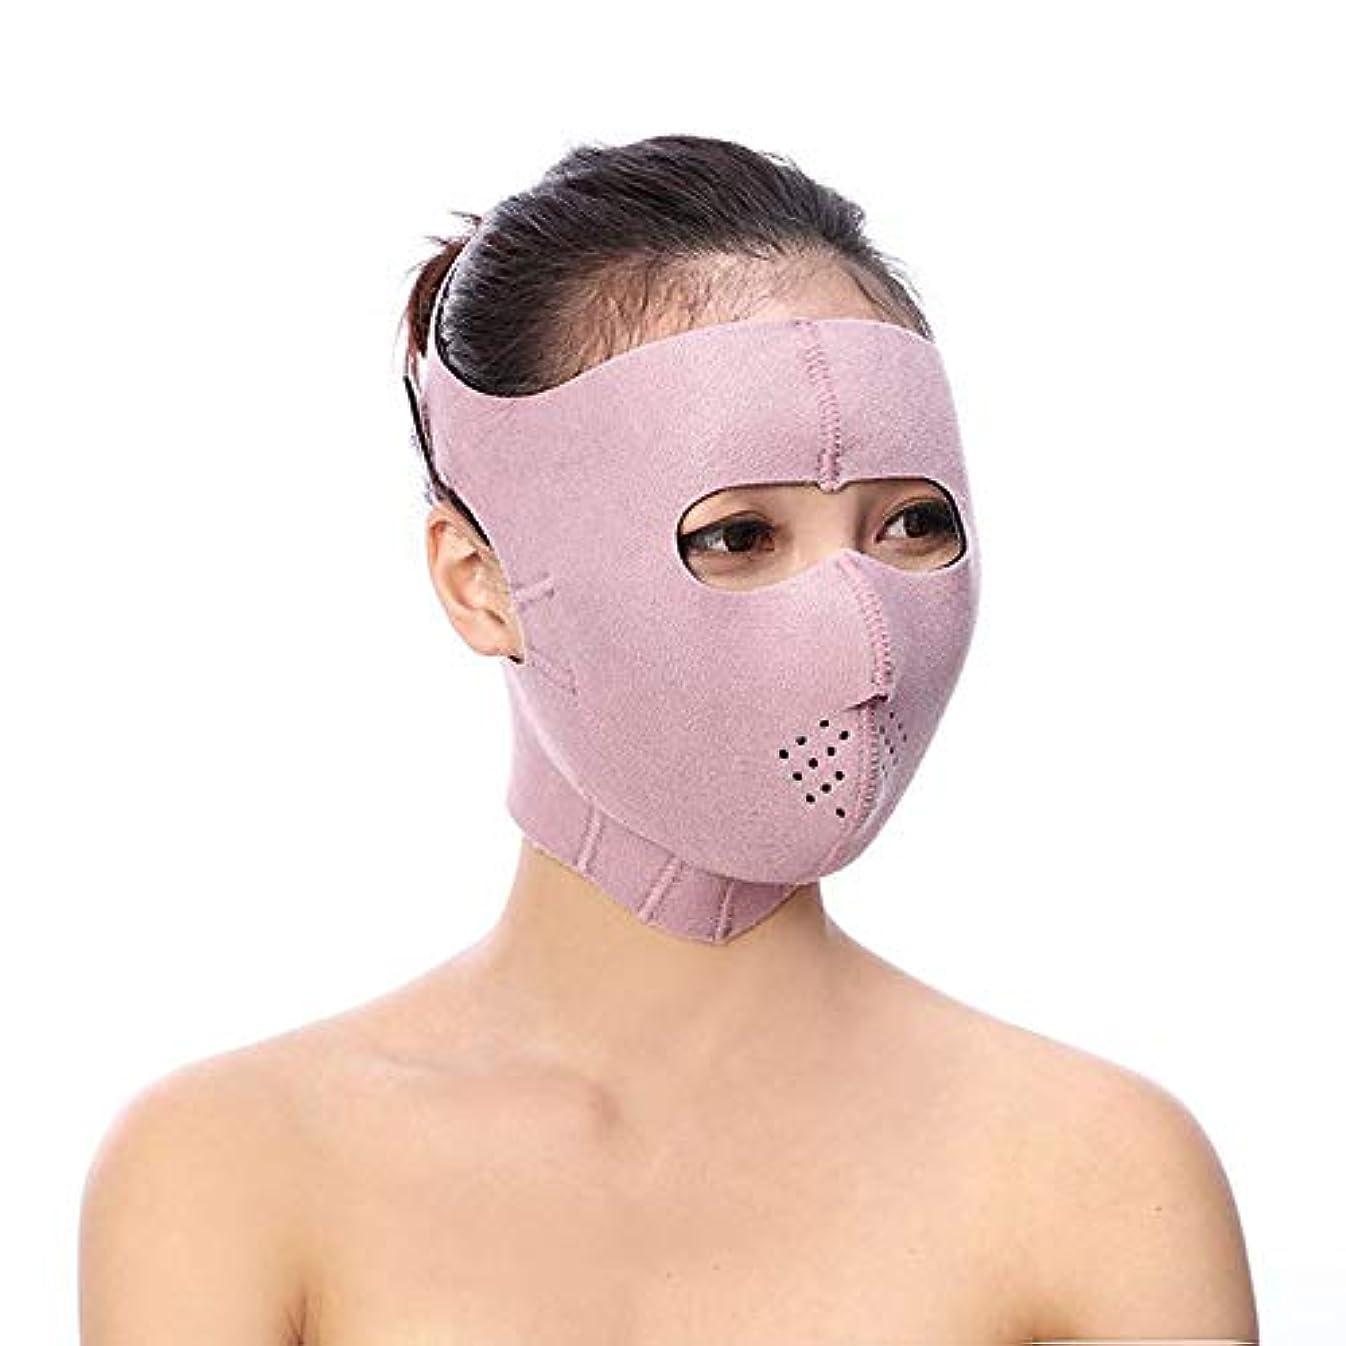 視力不運落とし穴BS フェイシャルリフティング痩身ベルト - Vフェイス包帯マスクフェイシャルマッサージャー無料の薄いフェイス包帯整形マスクを引き締める顔と首の顔スリム フェイスリフティングアーティファクト